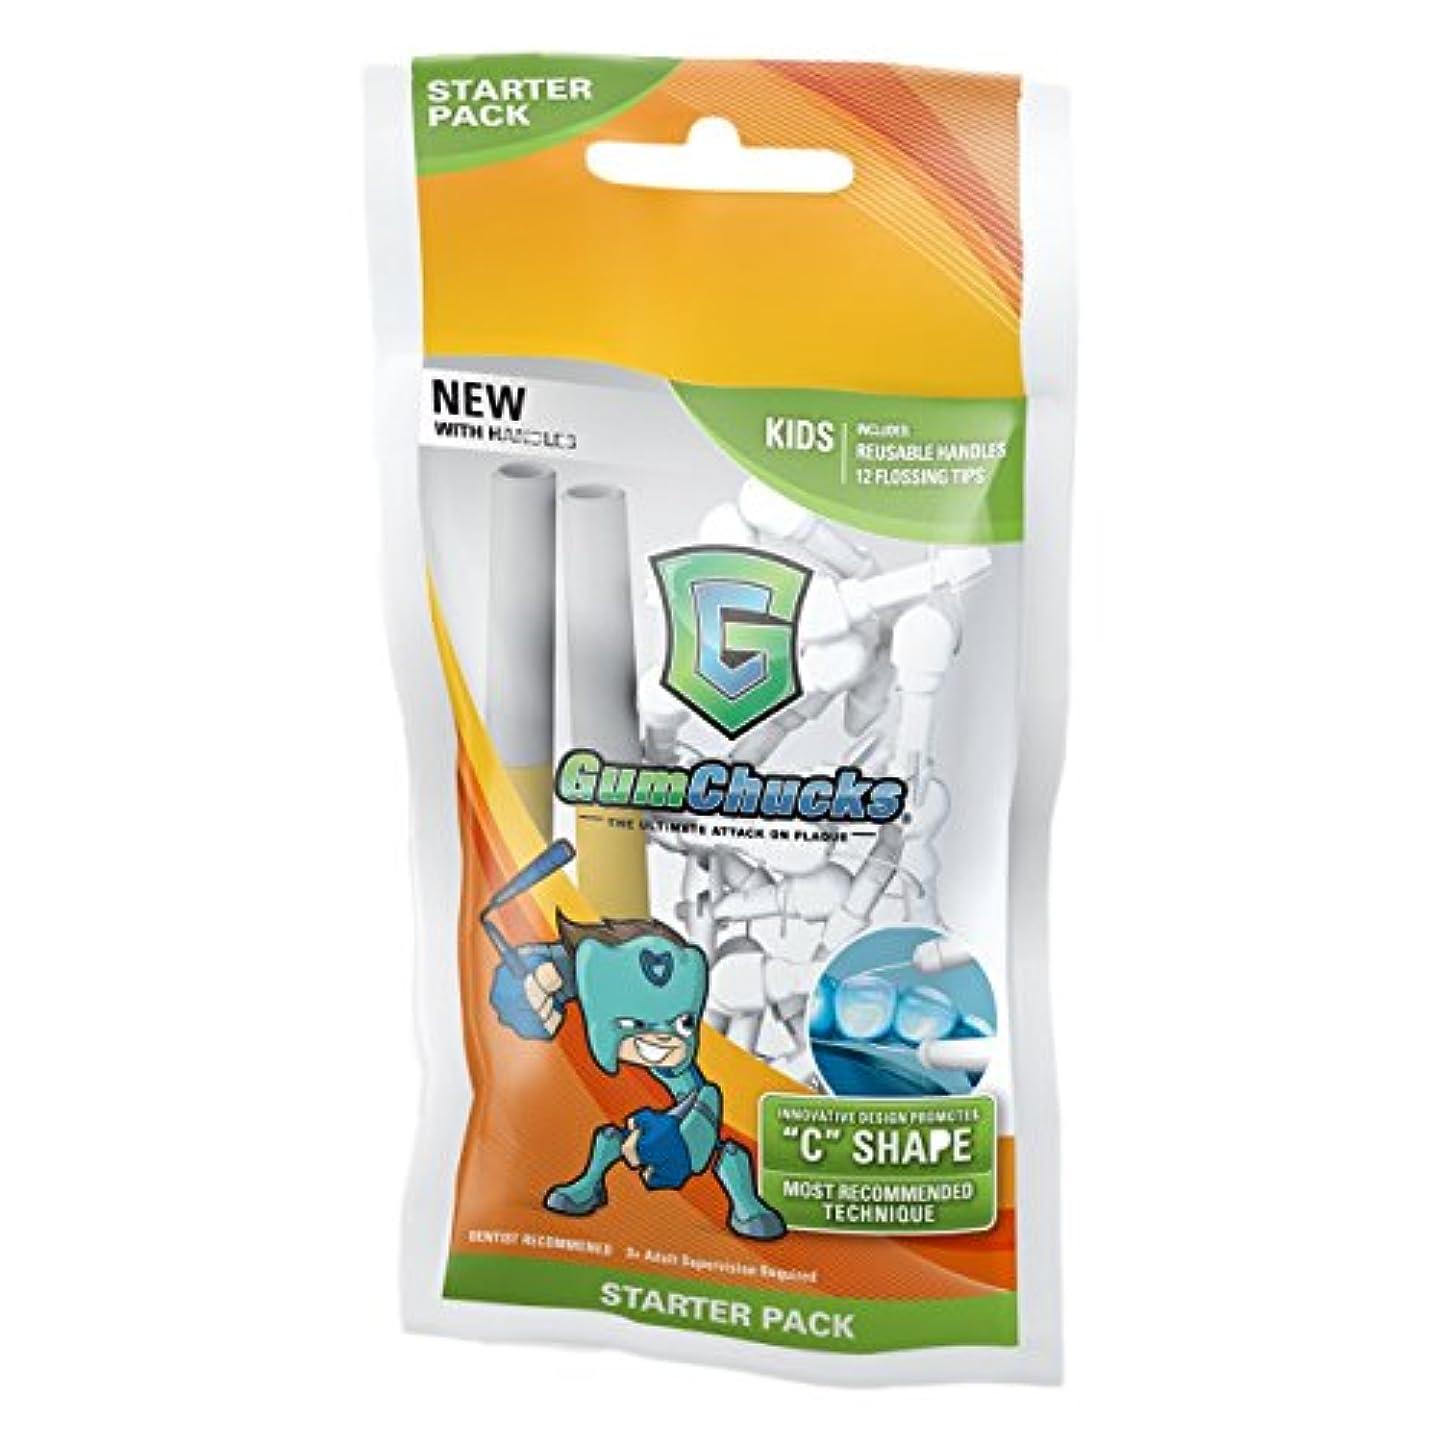 メイエラすすり泣き分子クロスフィールド ガムチャックスキッズ スターターパック(ハンドル×1、リフィル×12セット) ×1個 フロス/歯間清掃